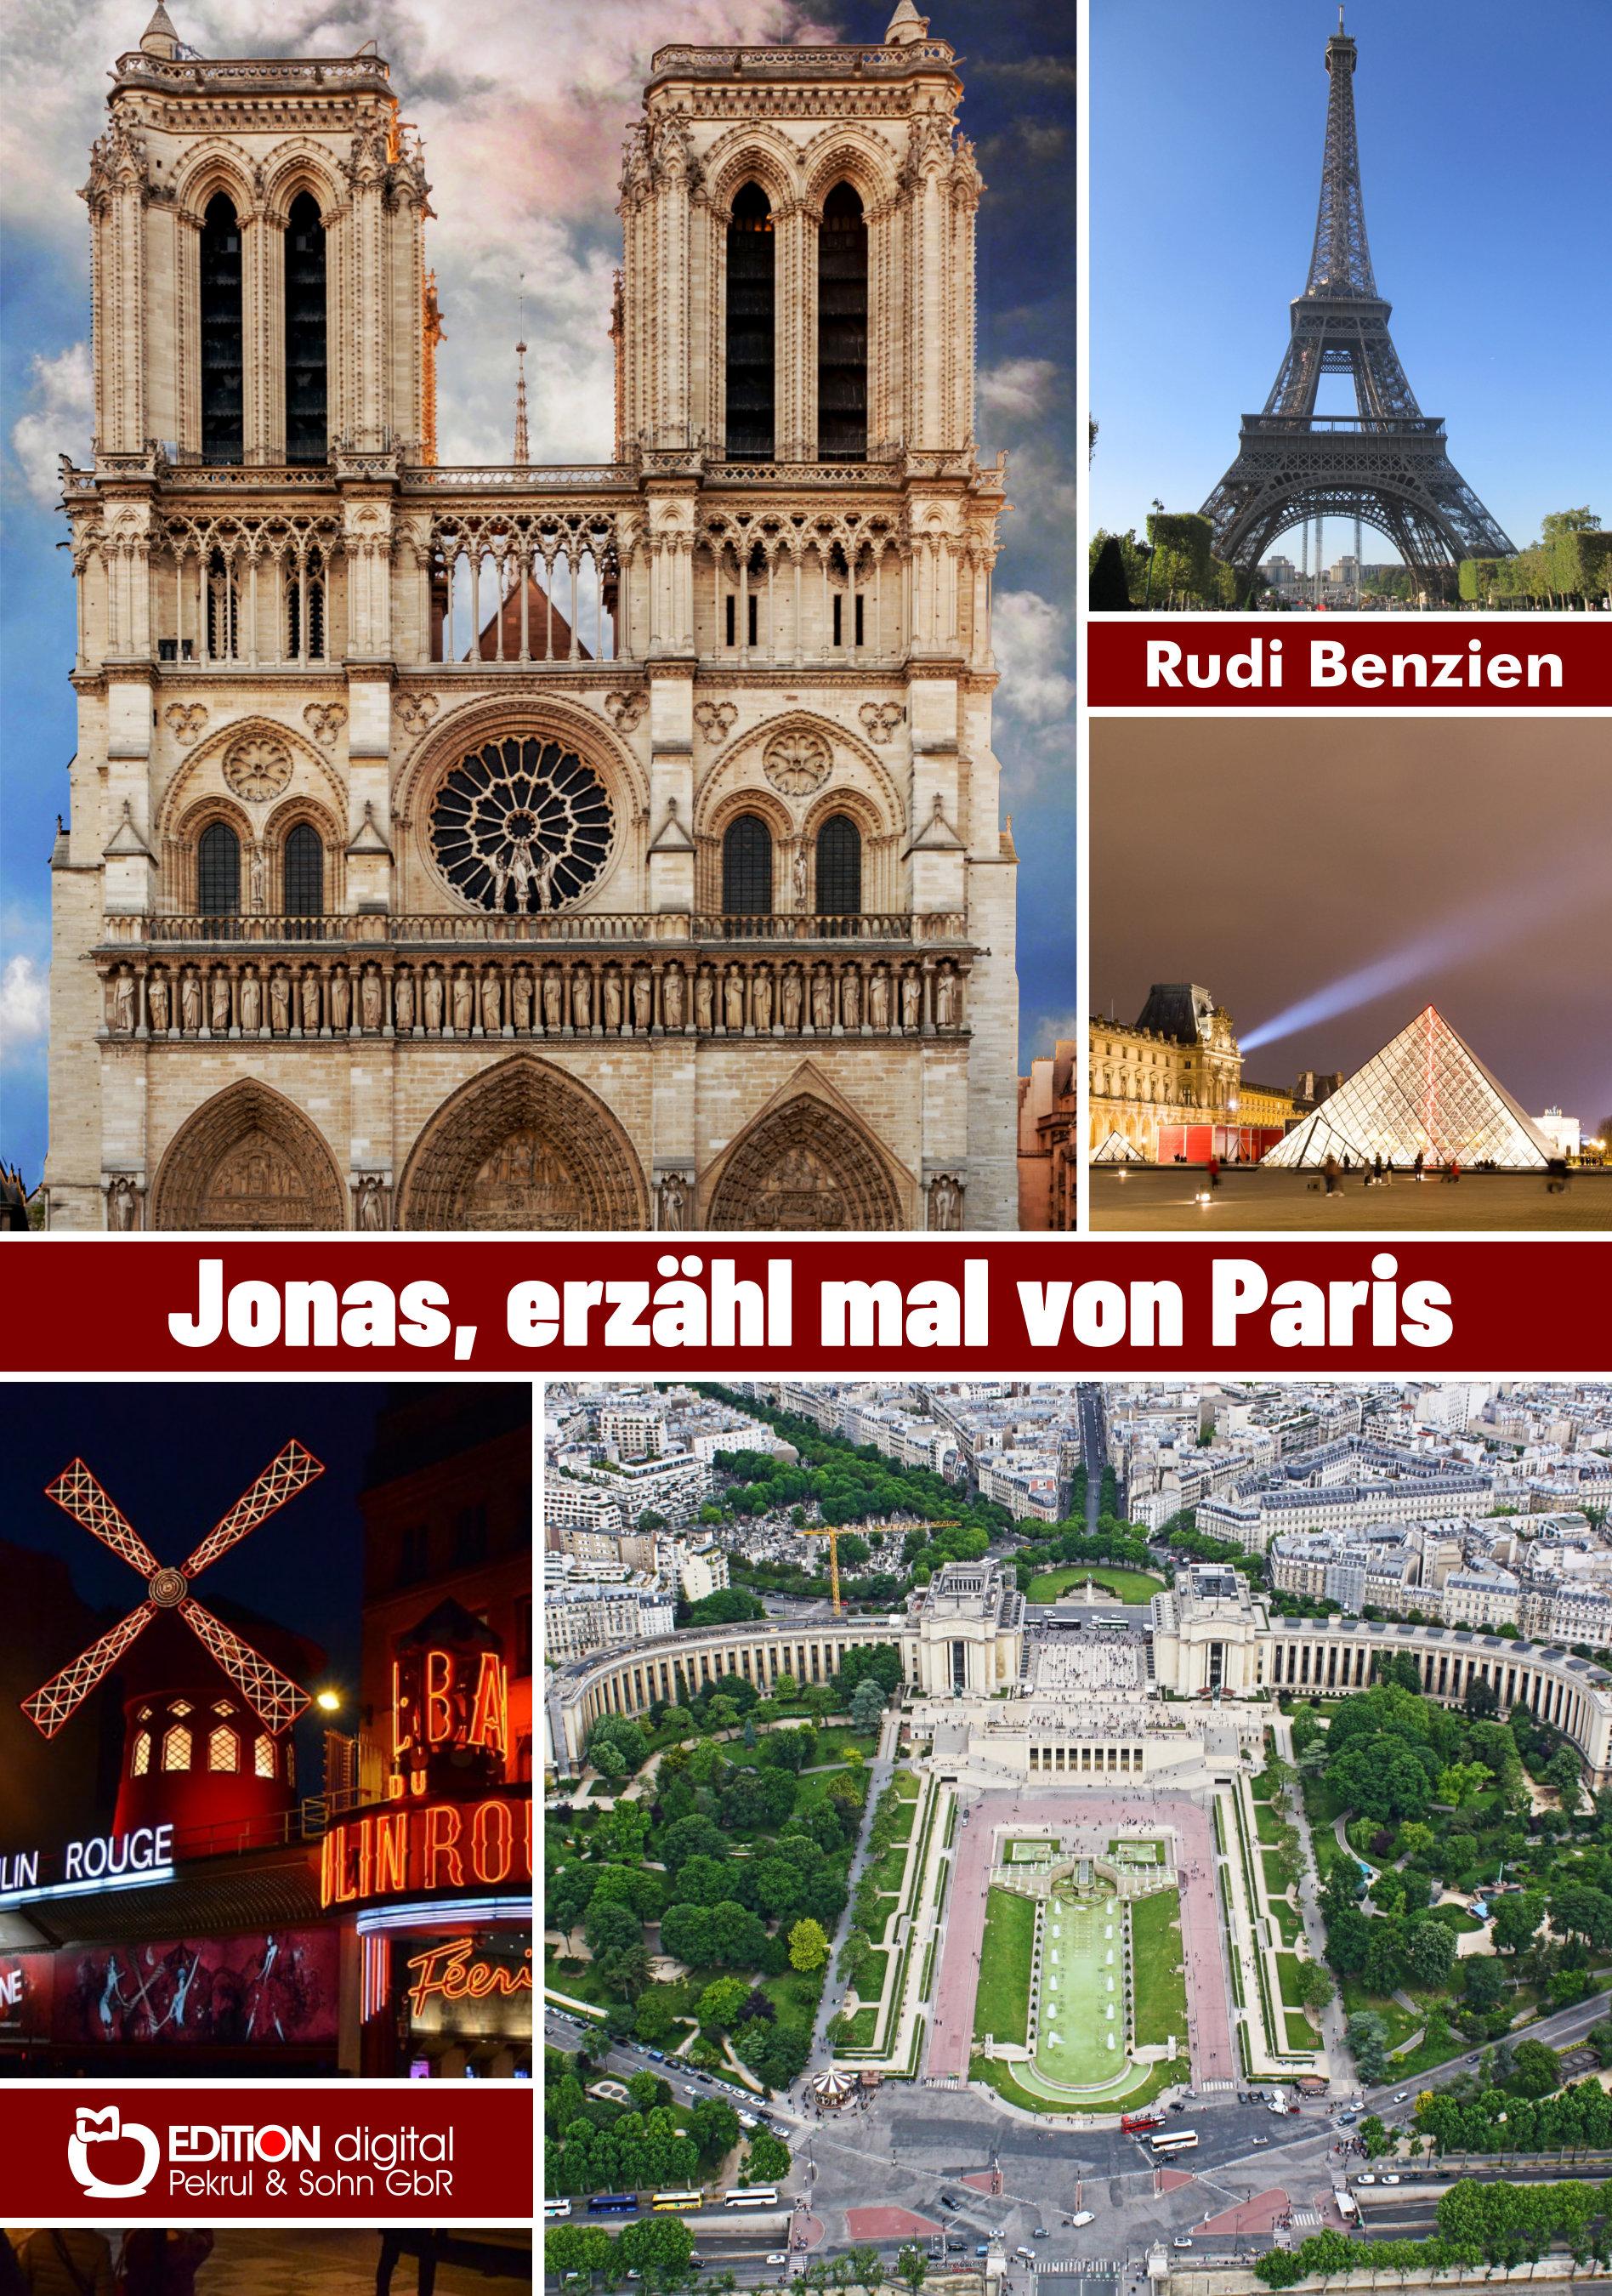 Jonas, erzähl mir von Paris. Autobiografischer Roman von Rudi Benzien